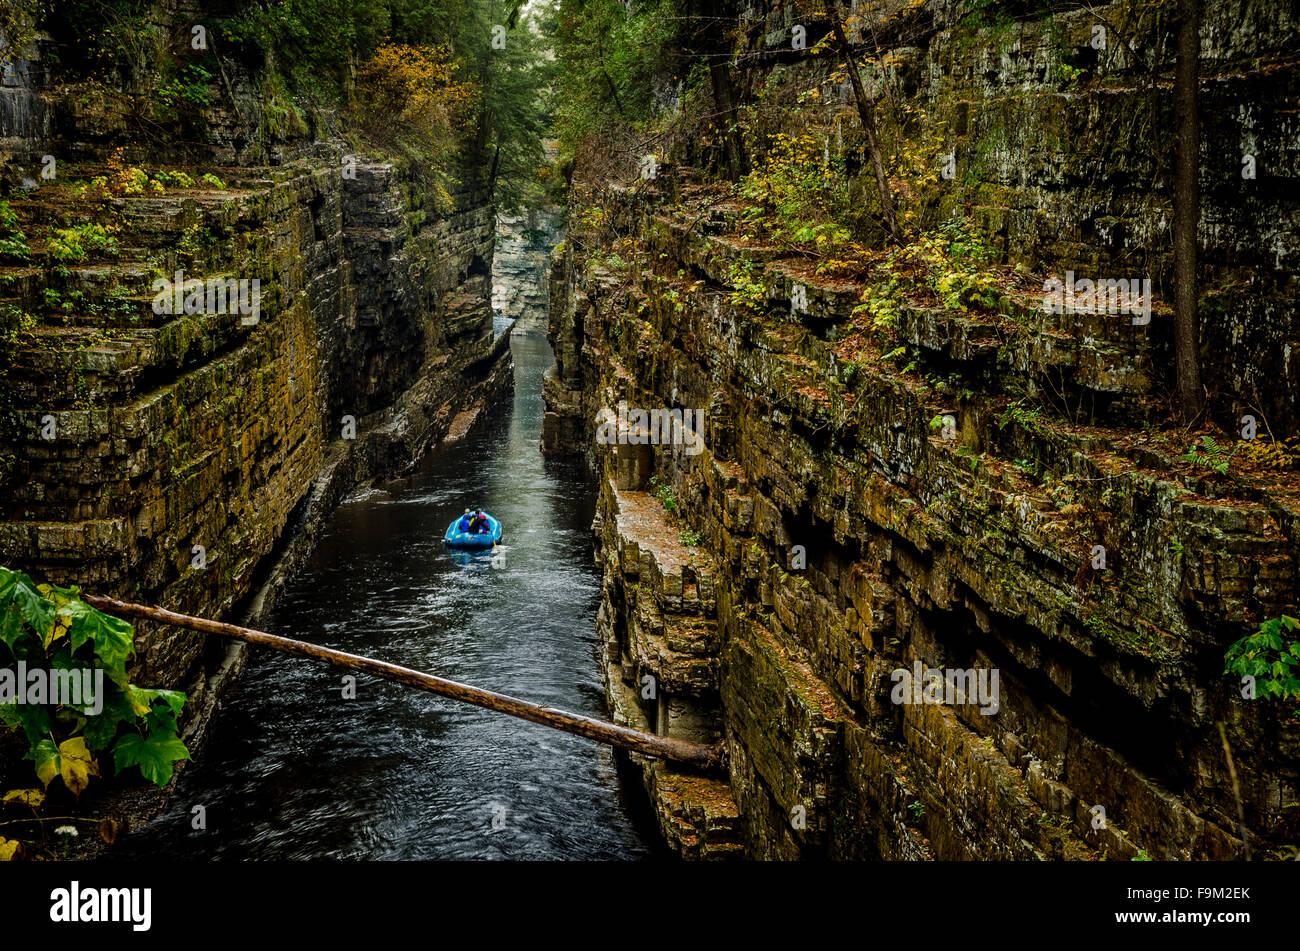 Gorges de la rivière Ausable Chasm, Adirondack, New York Banque D'Images